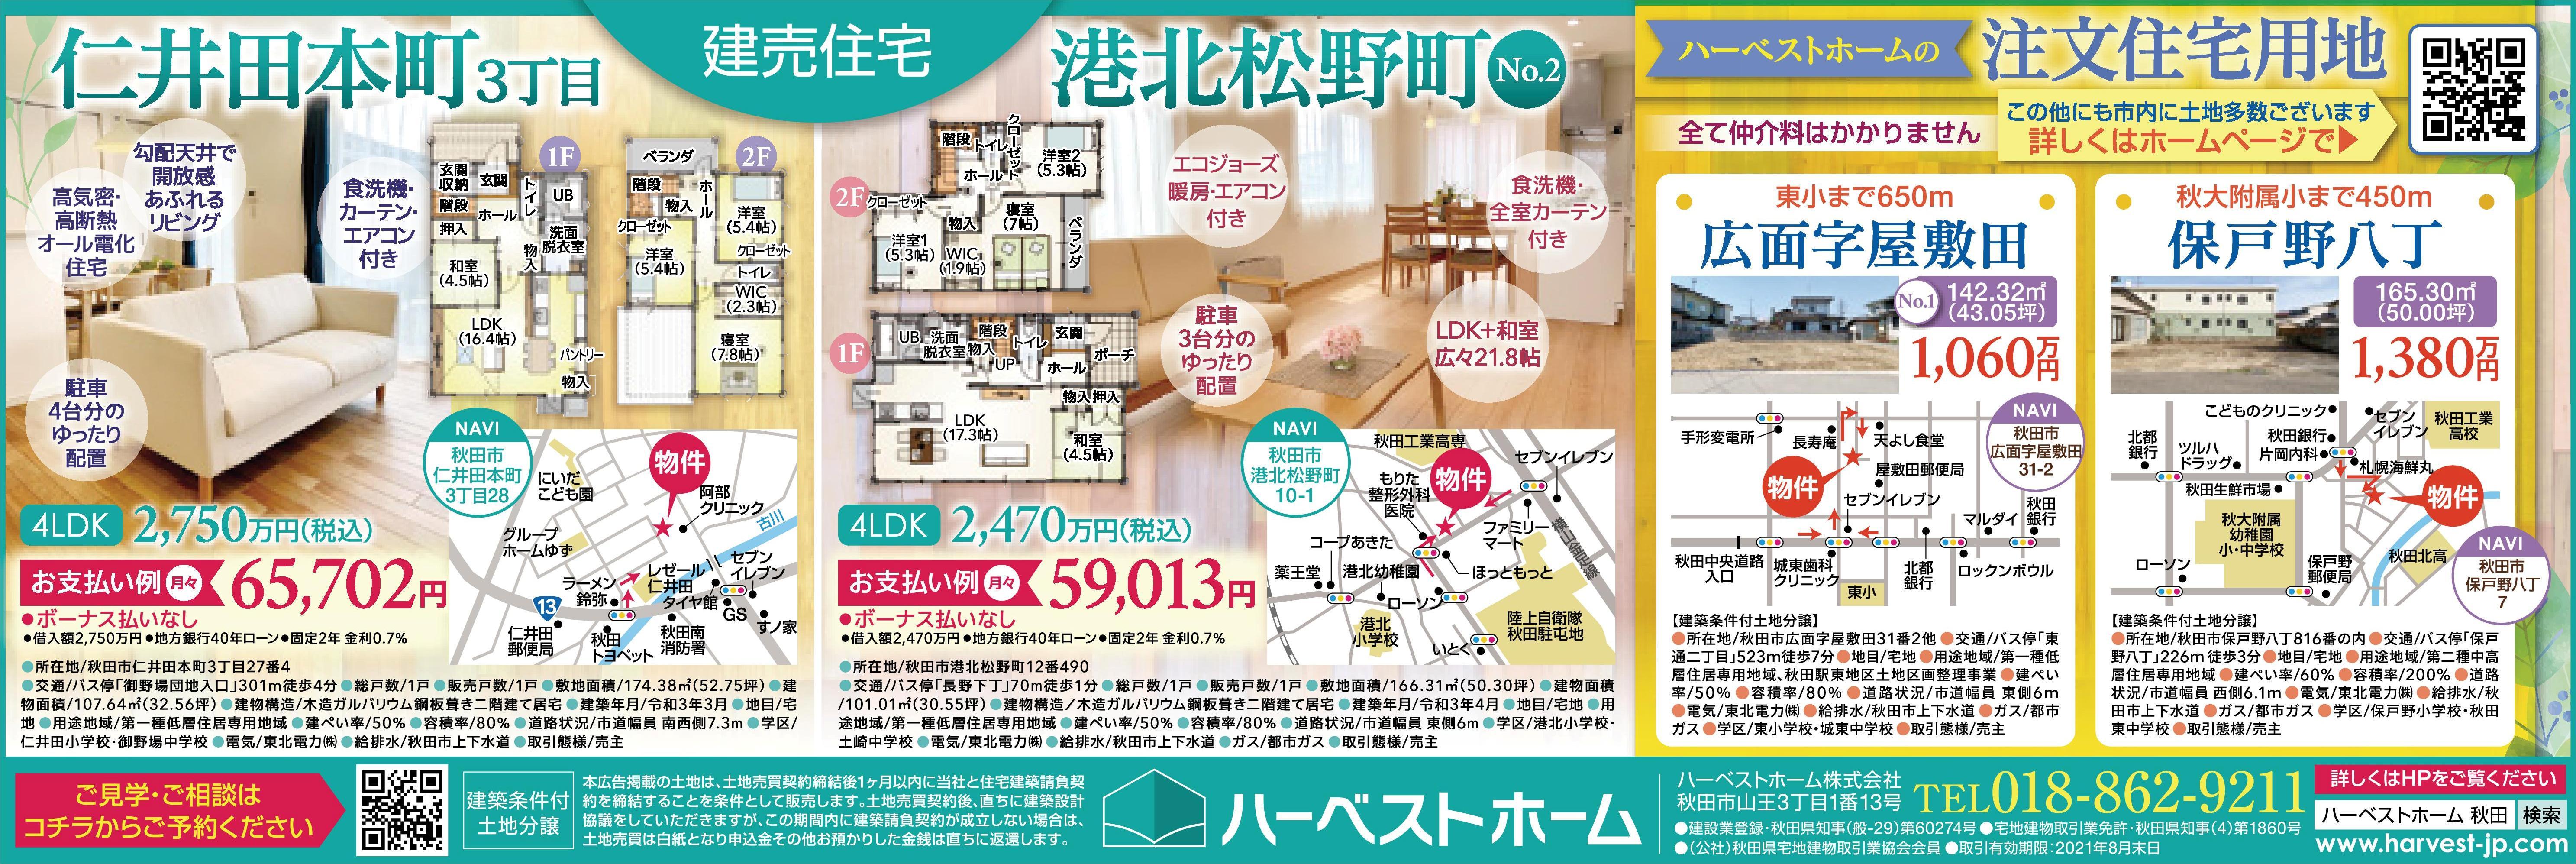 『夏の住宅祭り②』と土地相談会